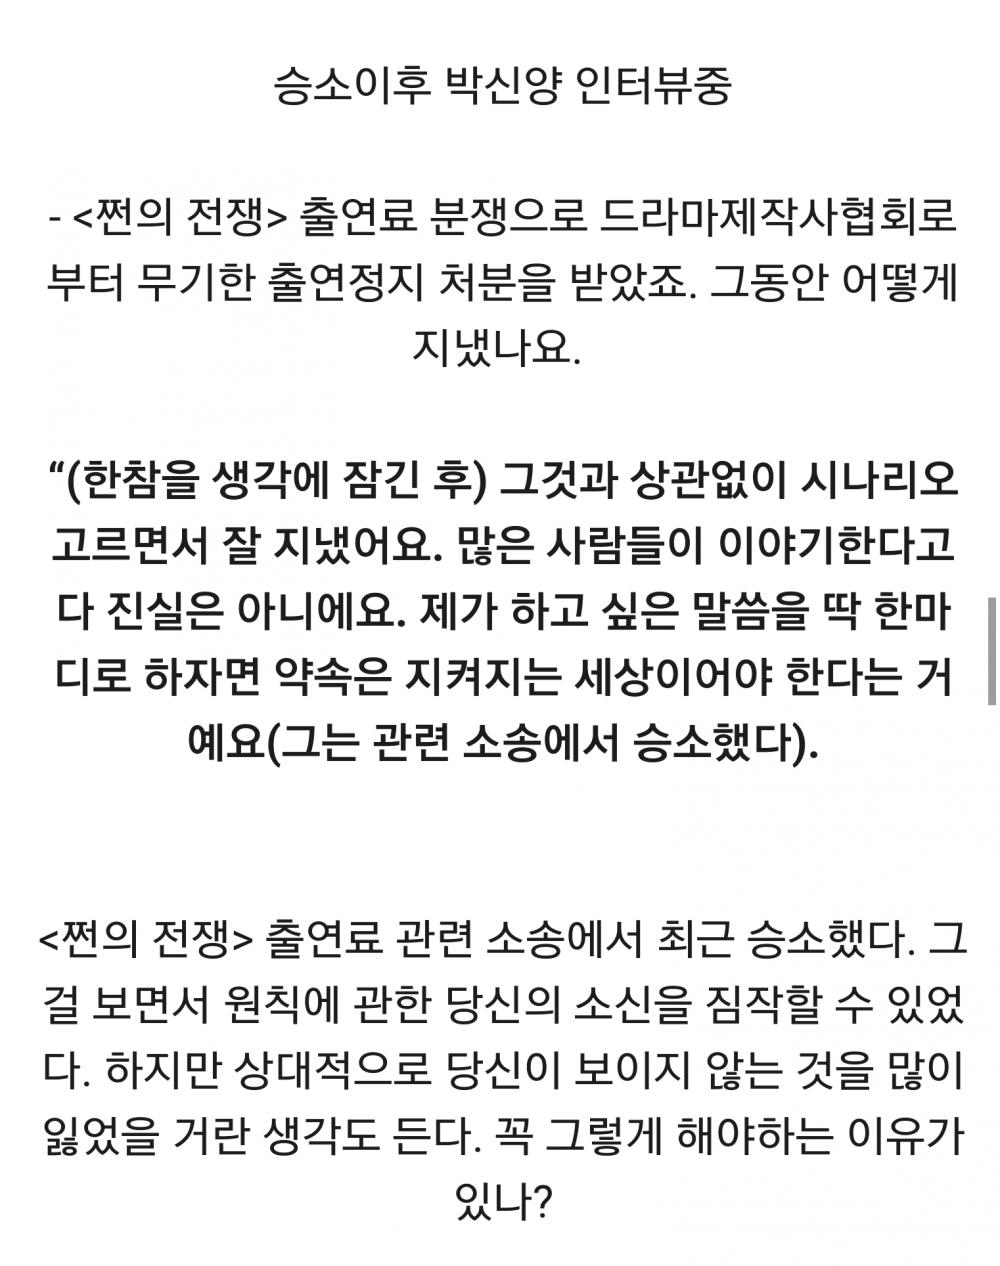 박신양6.png 박신양이 출연정지 당했던 사건.jpg